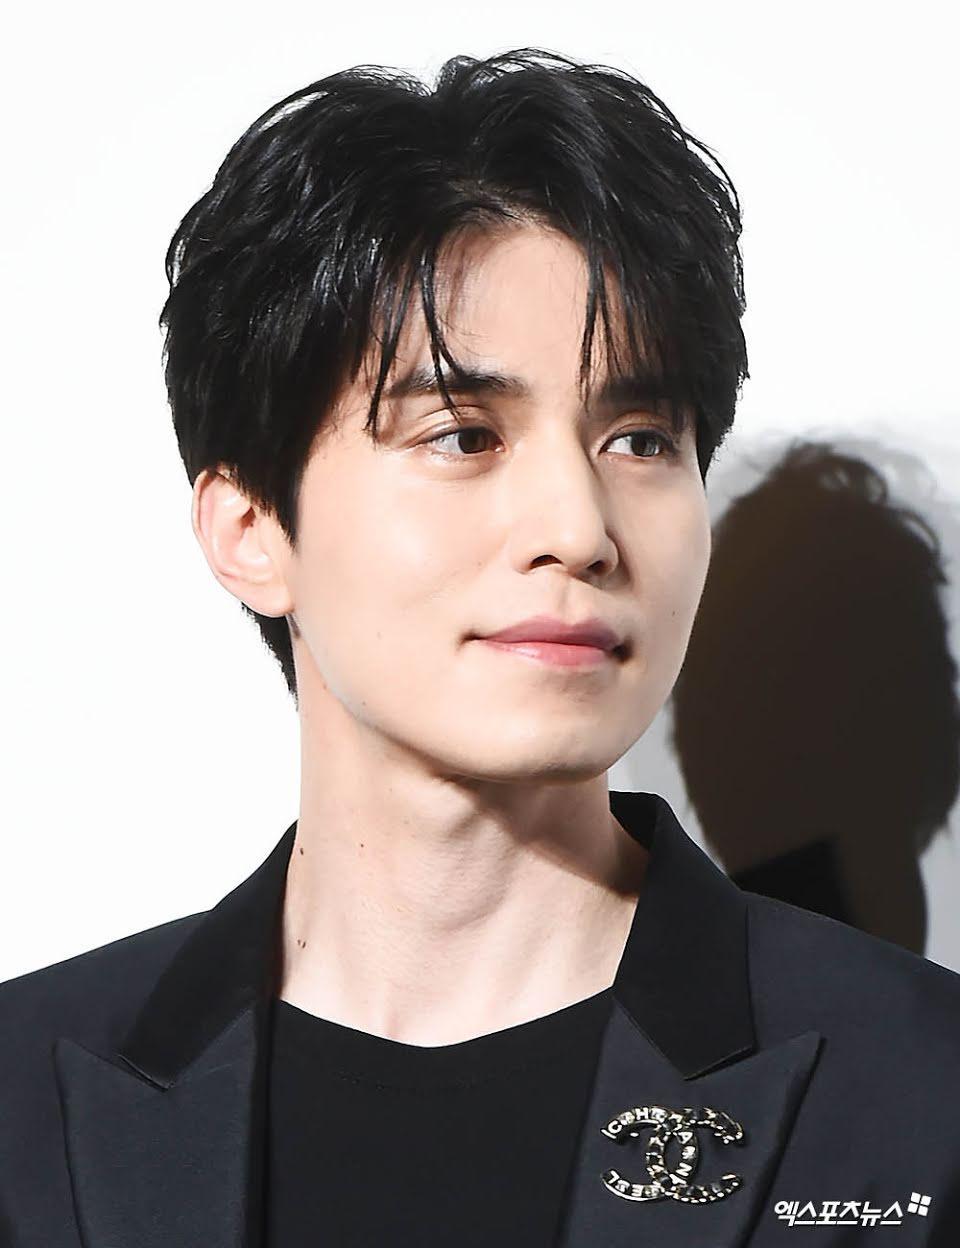 'Thần chết' Lee Dong Wook diện cả 'cây đen' hiến người ham mộ 'đổ rầm rầm' trước nhan sắc đỉnh cao Ảnh 2